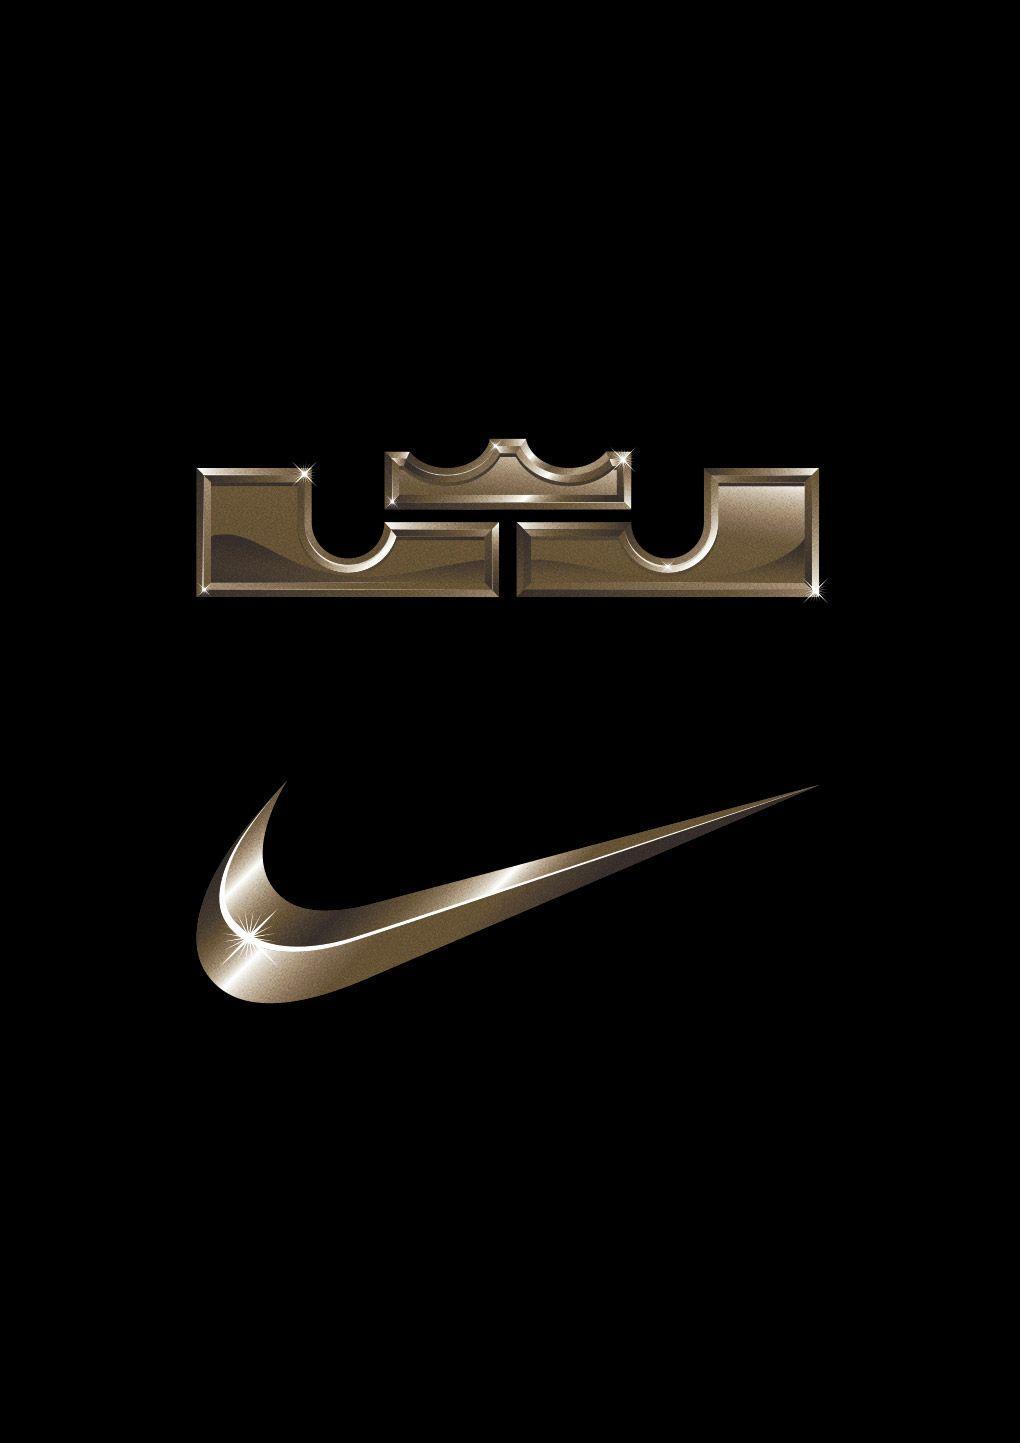 promo code 222c7 38b91 LeBron James Crown Logo - NIKE   LEBRON JAMES TEE — Vicente García Morillo